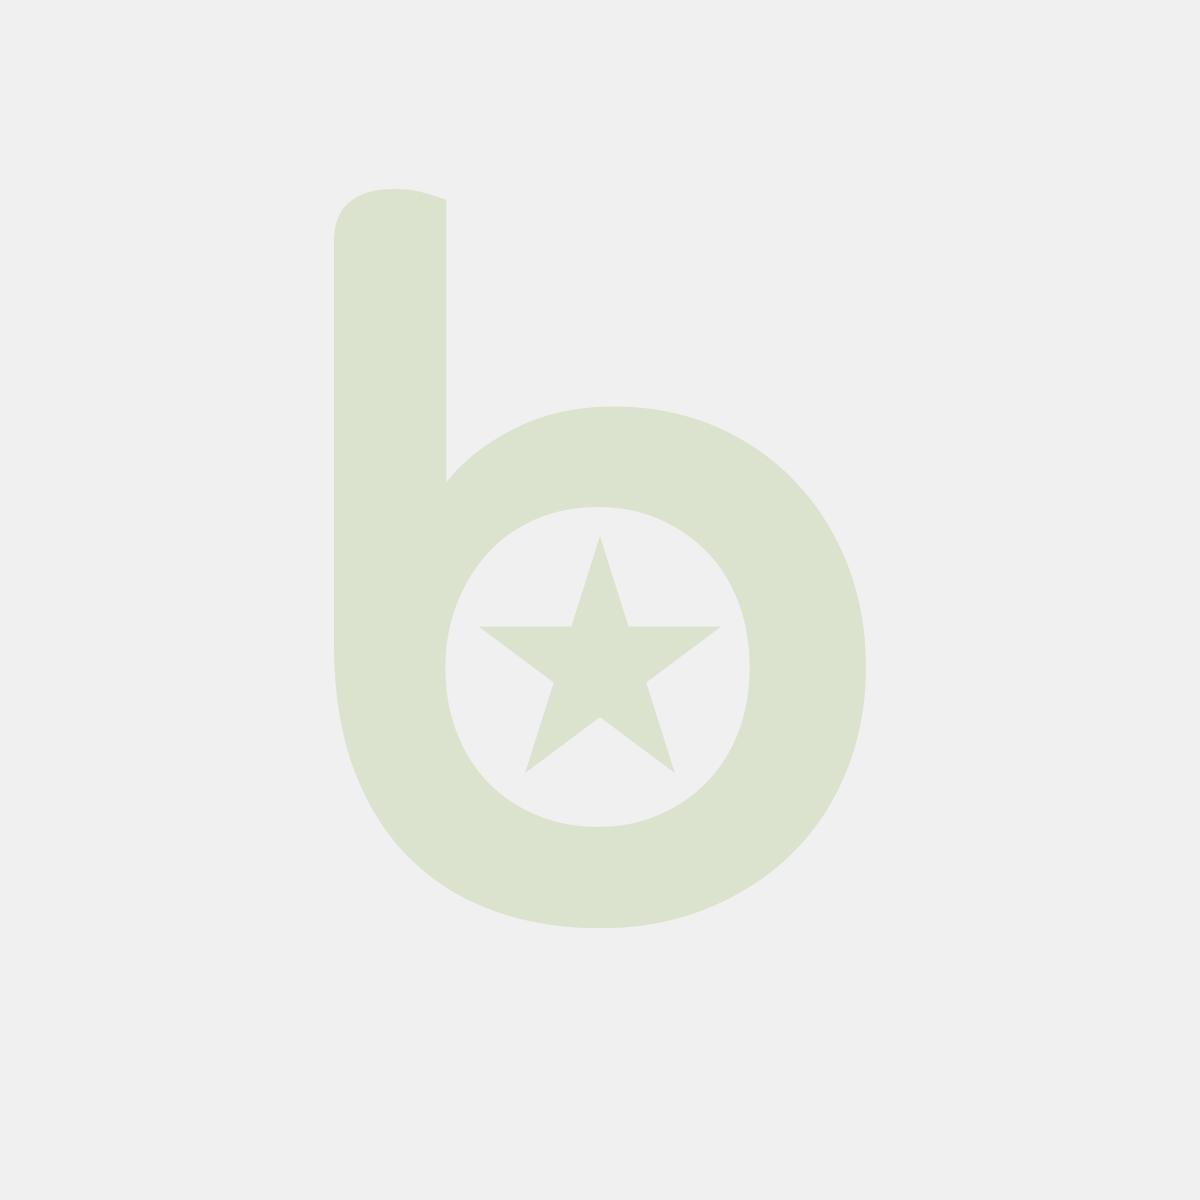 Podkłady PAPSTAR Royal Collection 30cm/40cm 100szt c. zieleń Tissue